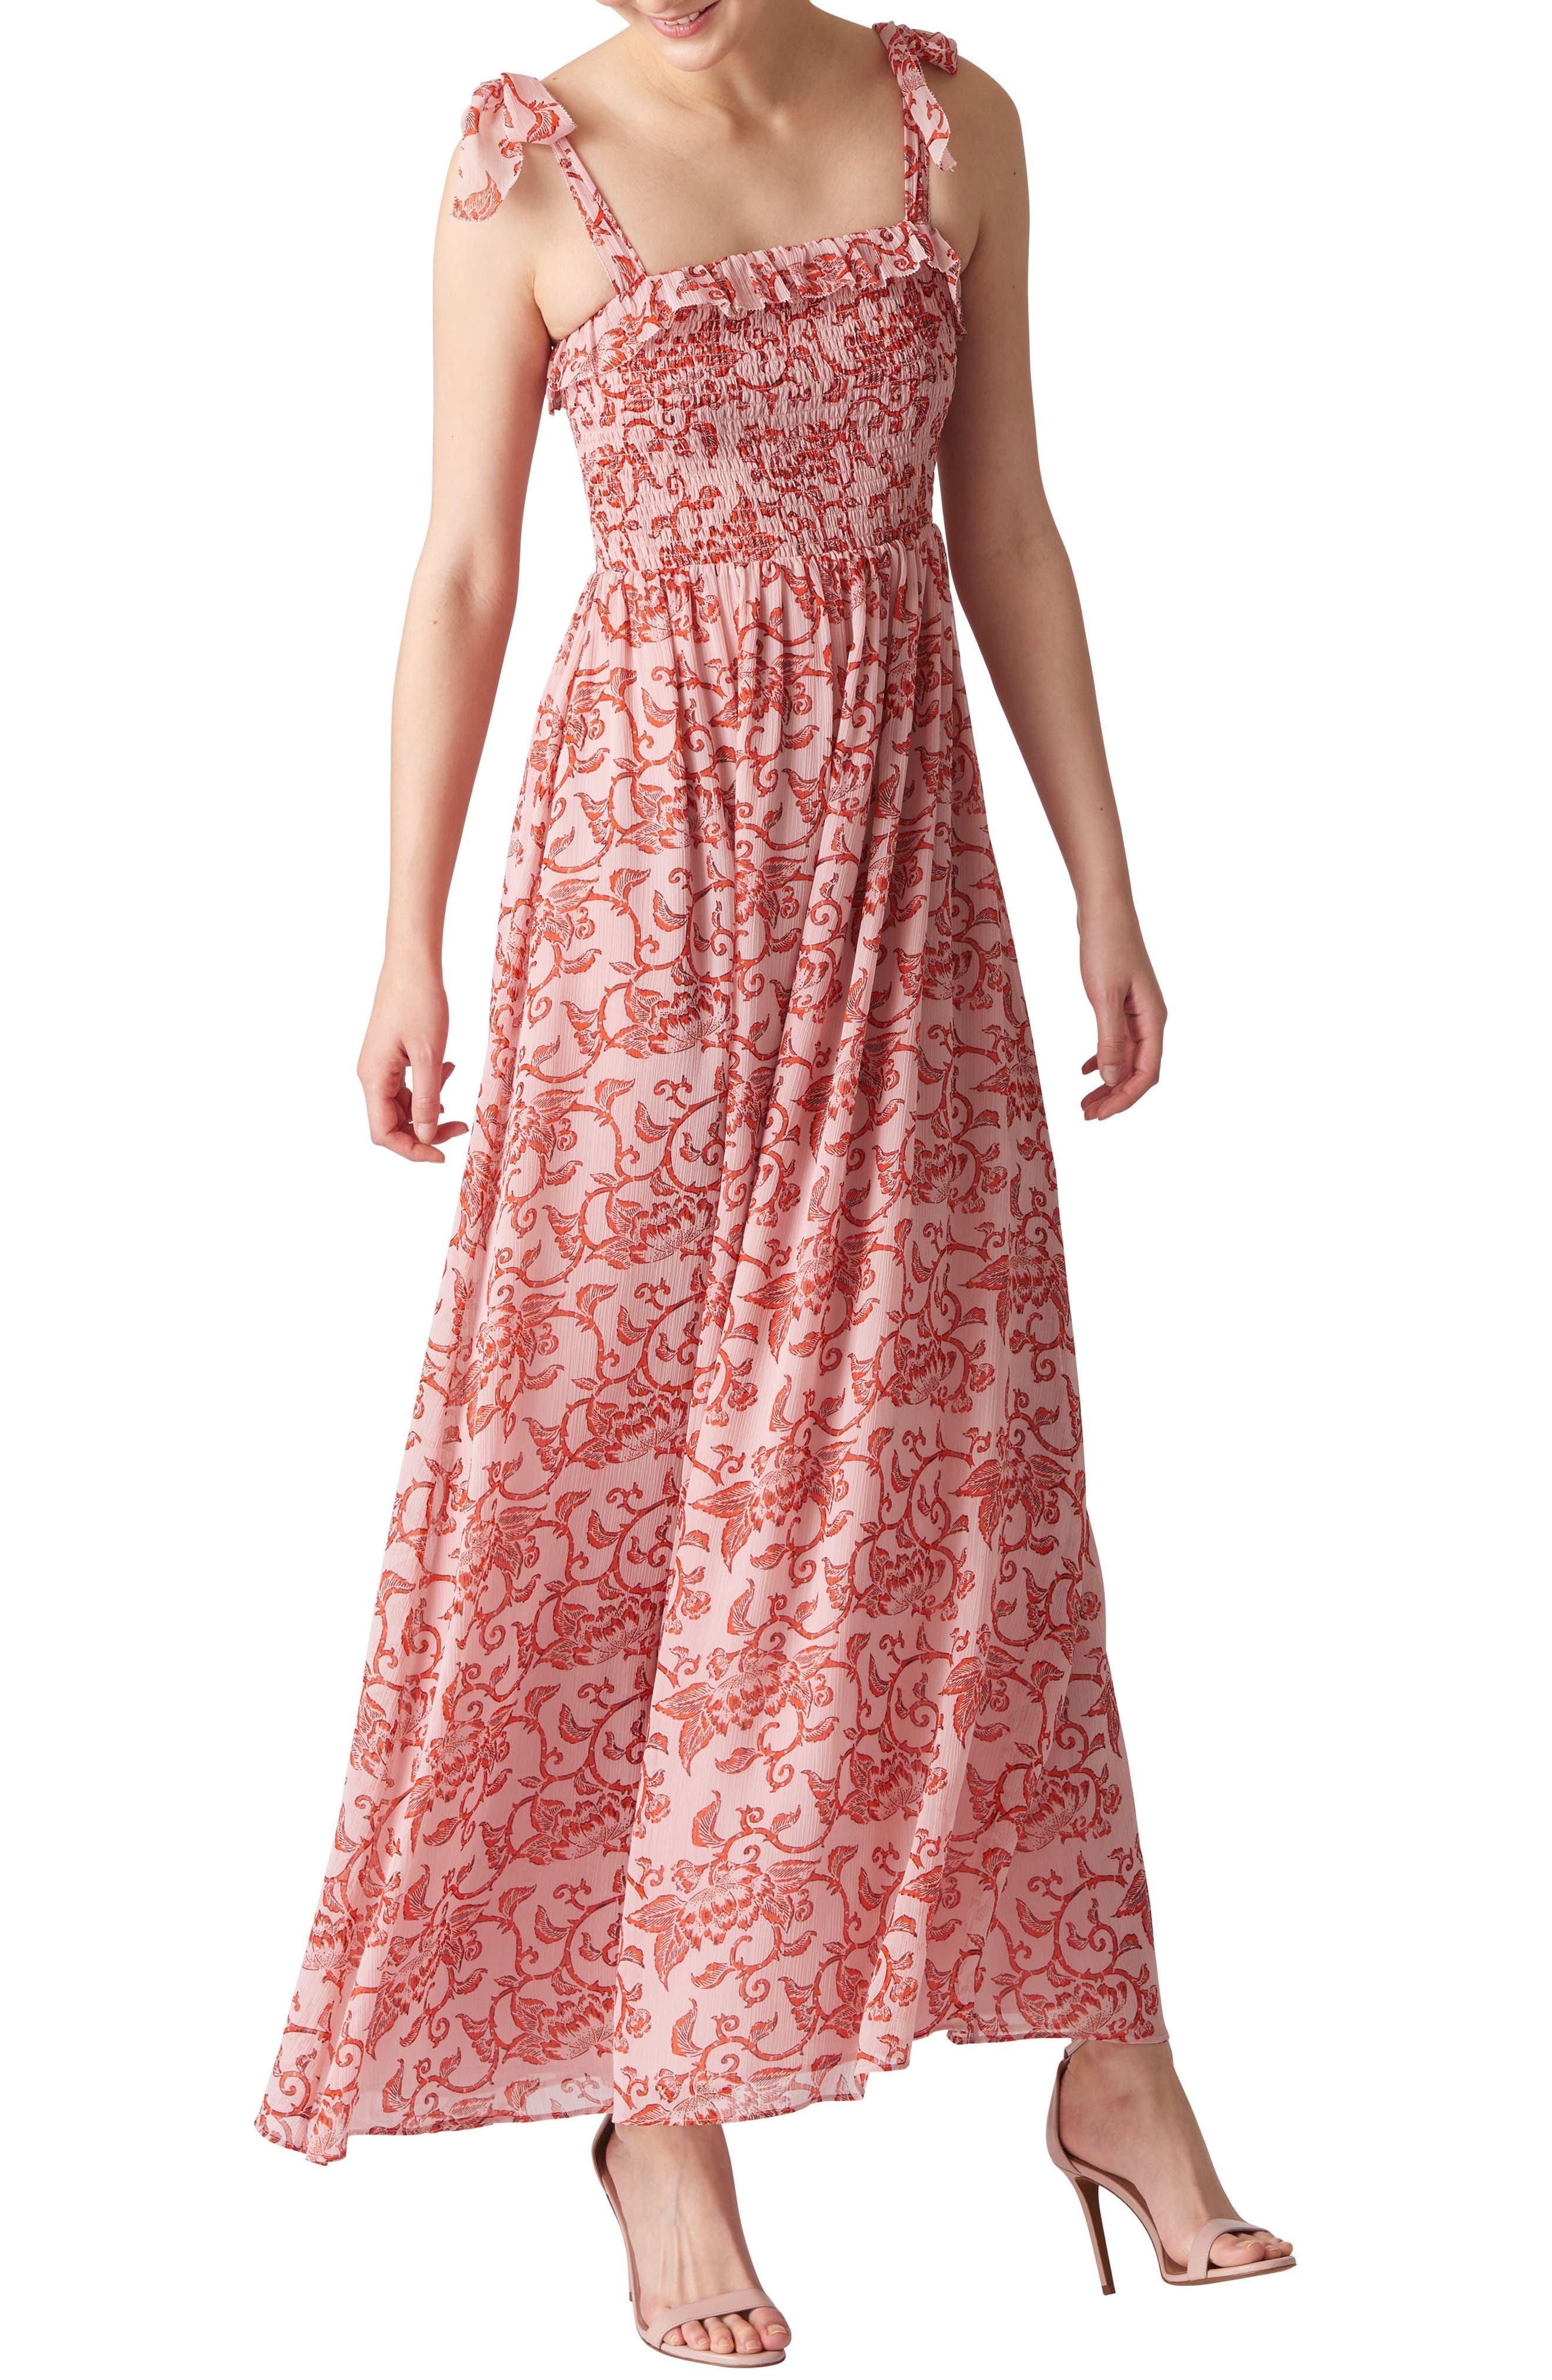 Bali Print Maxi Dress,                             Main thumbnail 1, color,                             650